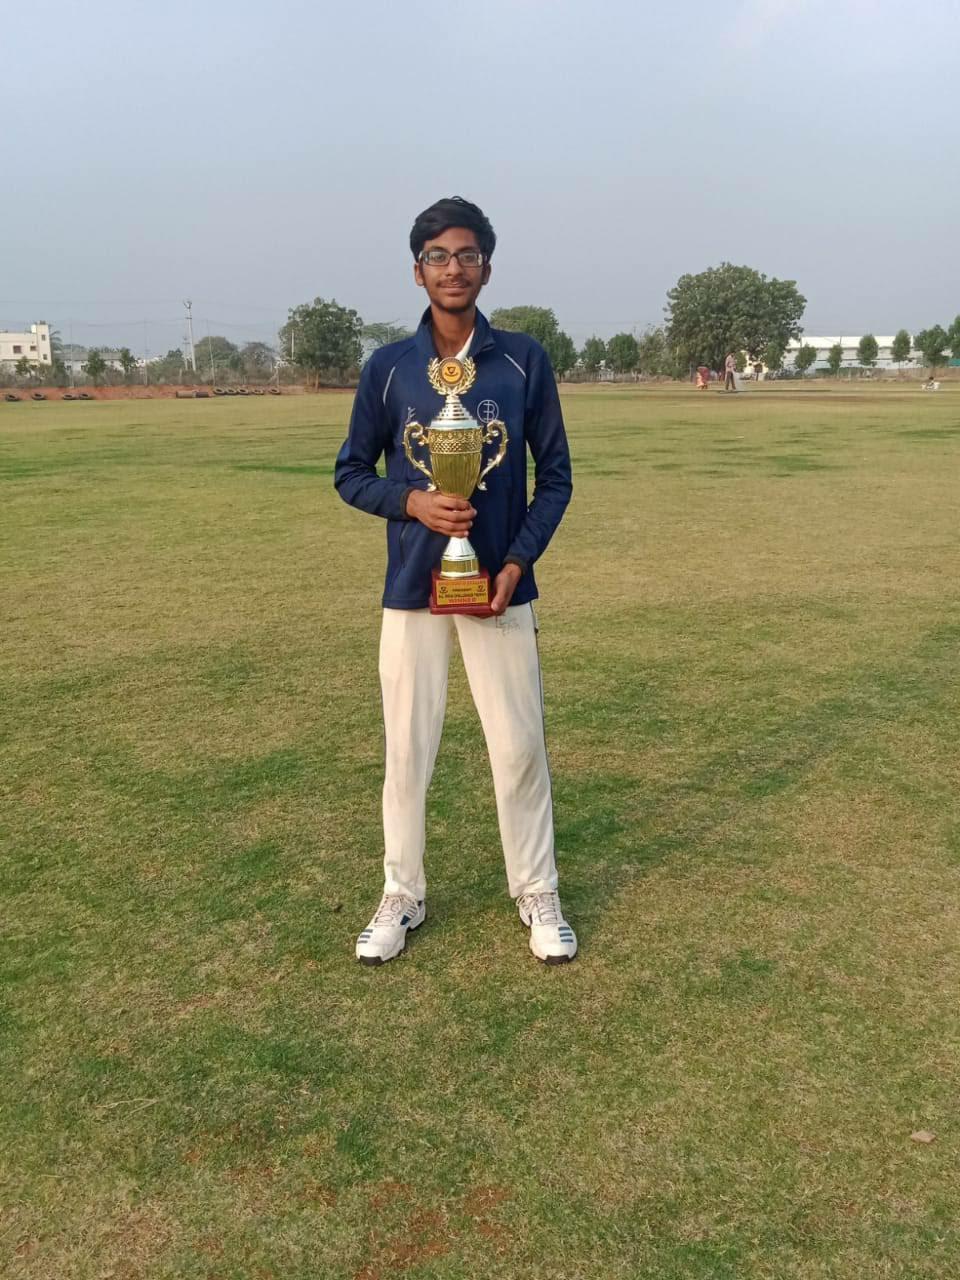 Anish Choudhary